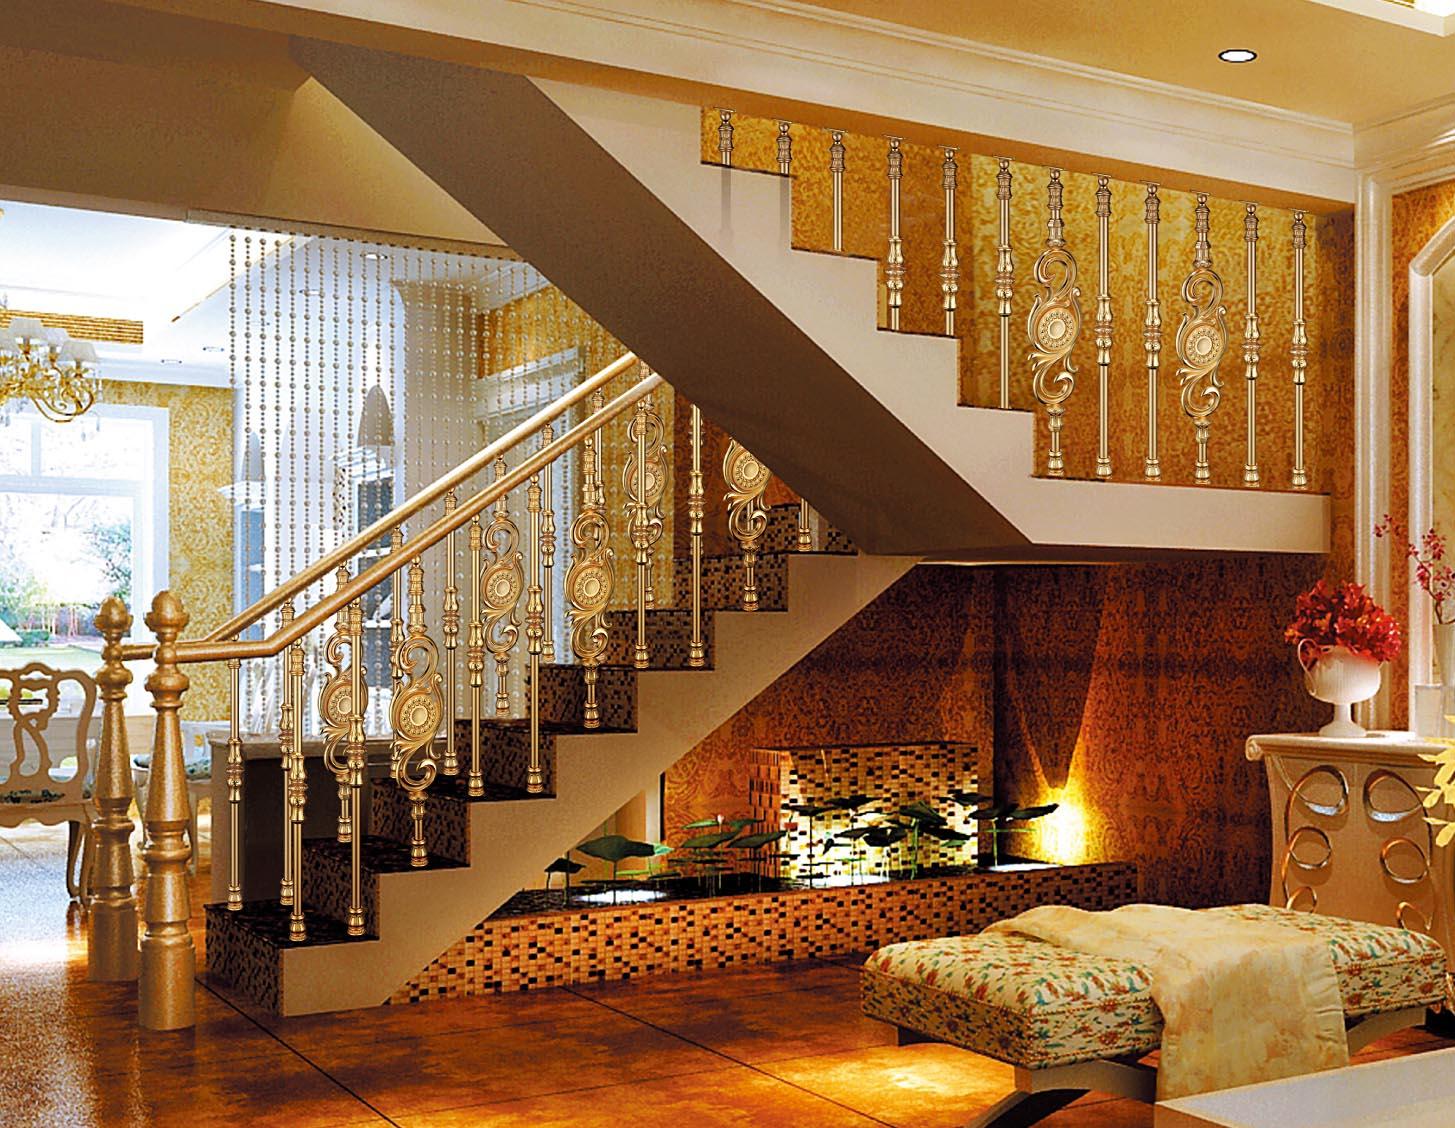 B001东方明珠/楼梯护栏/金属楼梯/复式豪宅楼梯护栏